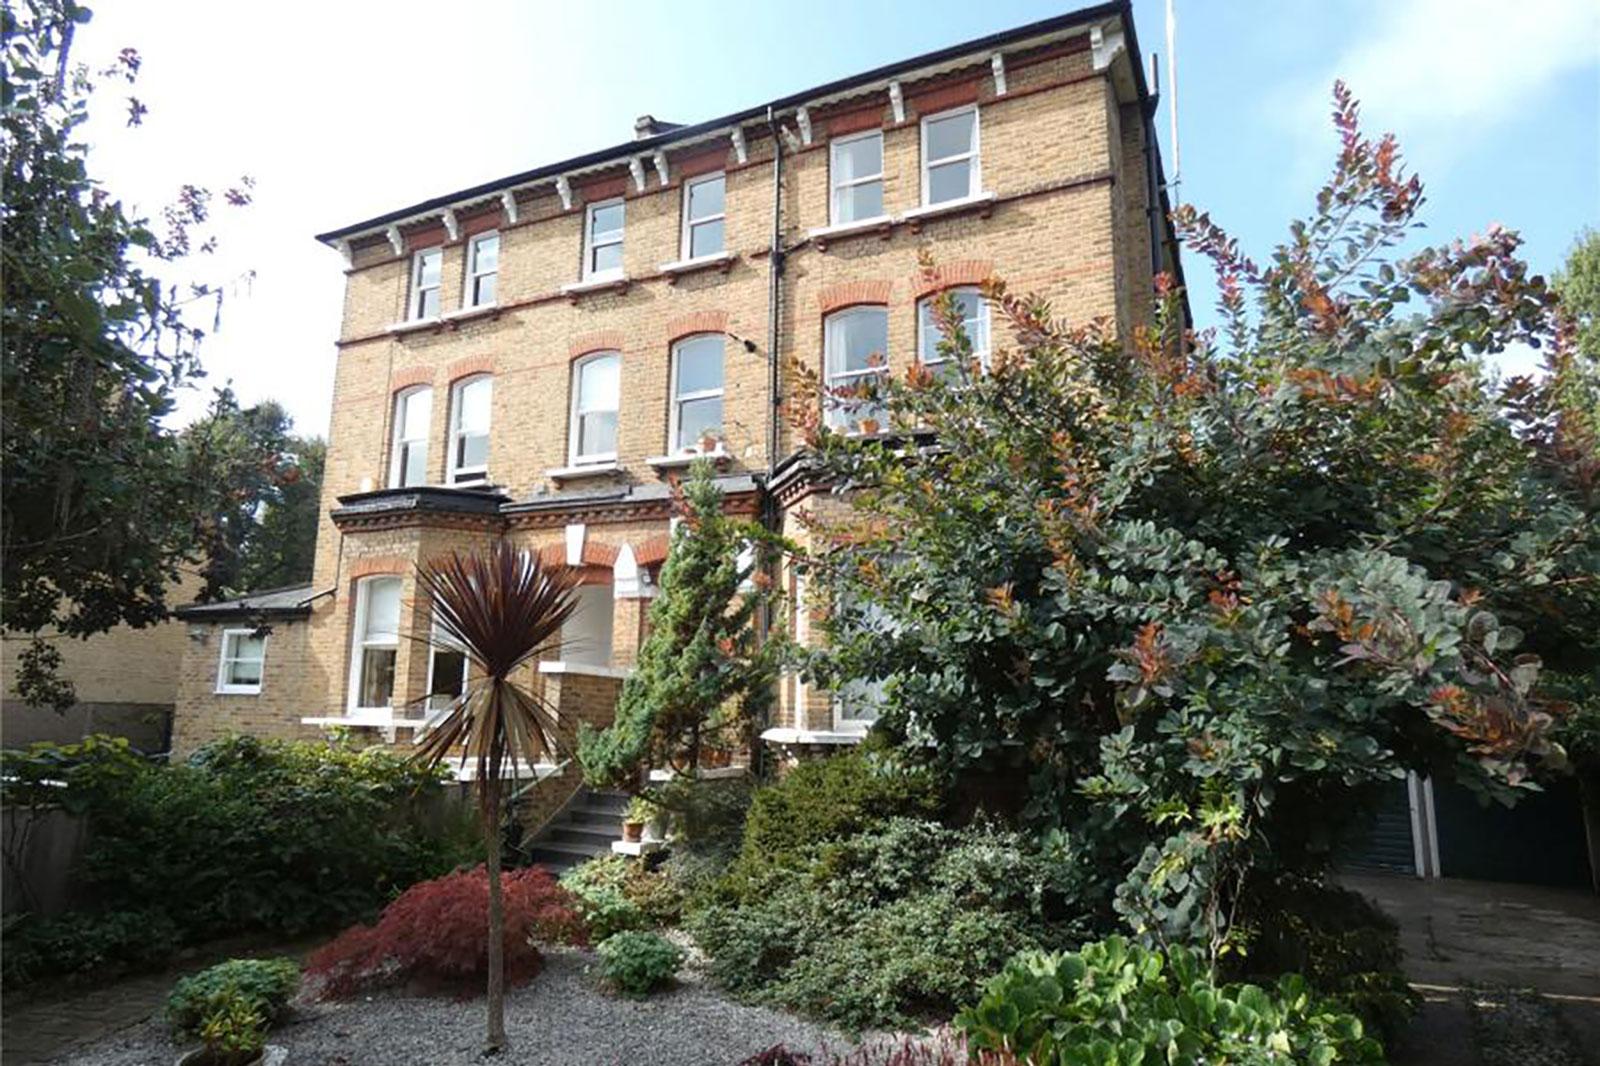 30 St. Georges Road, Twickenham, TW1 1QR - Antony Roberts